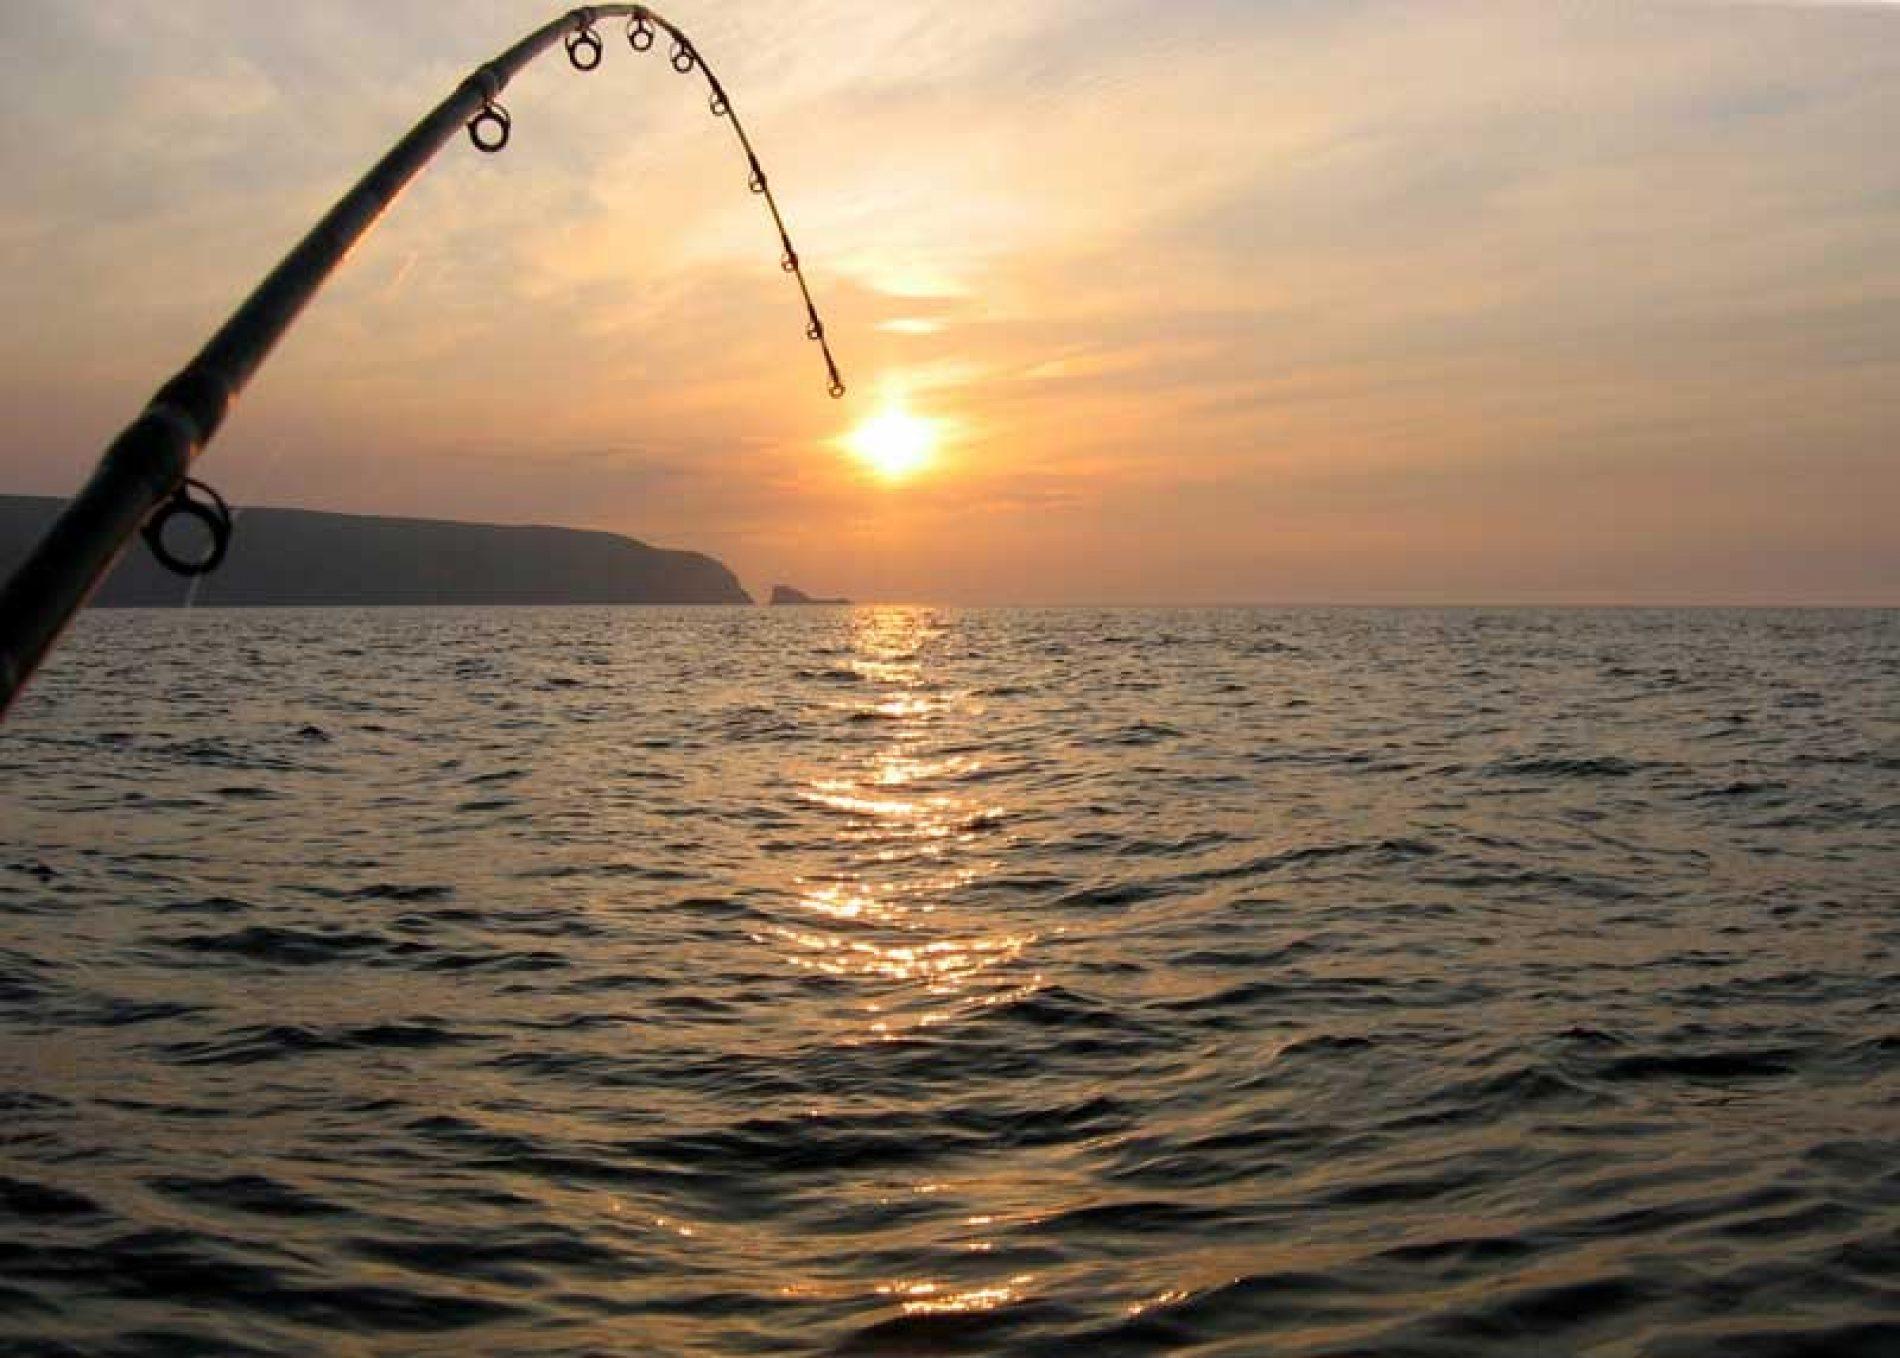 El congreso pide la elaboración de una estrategia nacional de caza y pesca